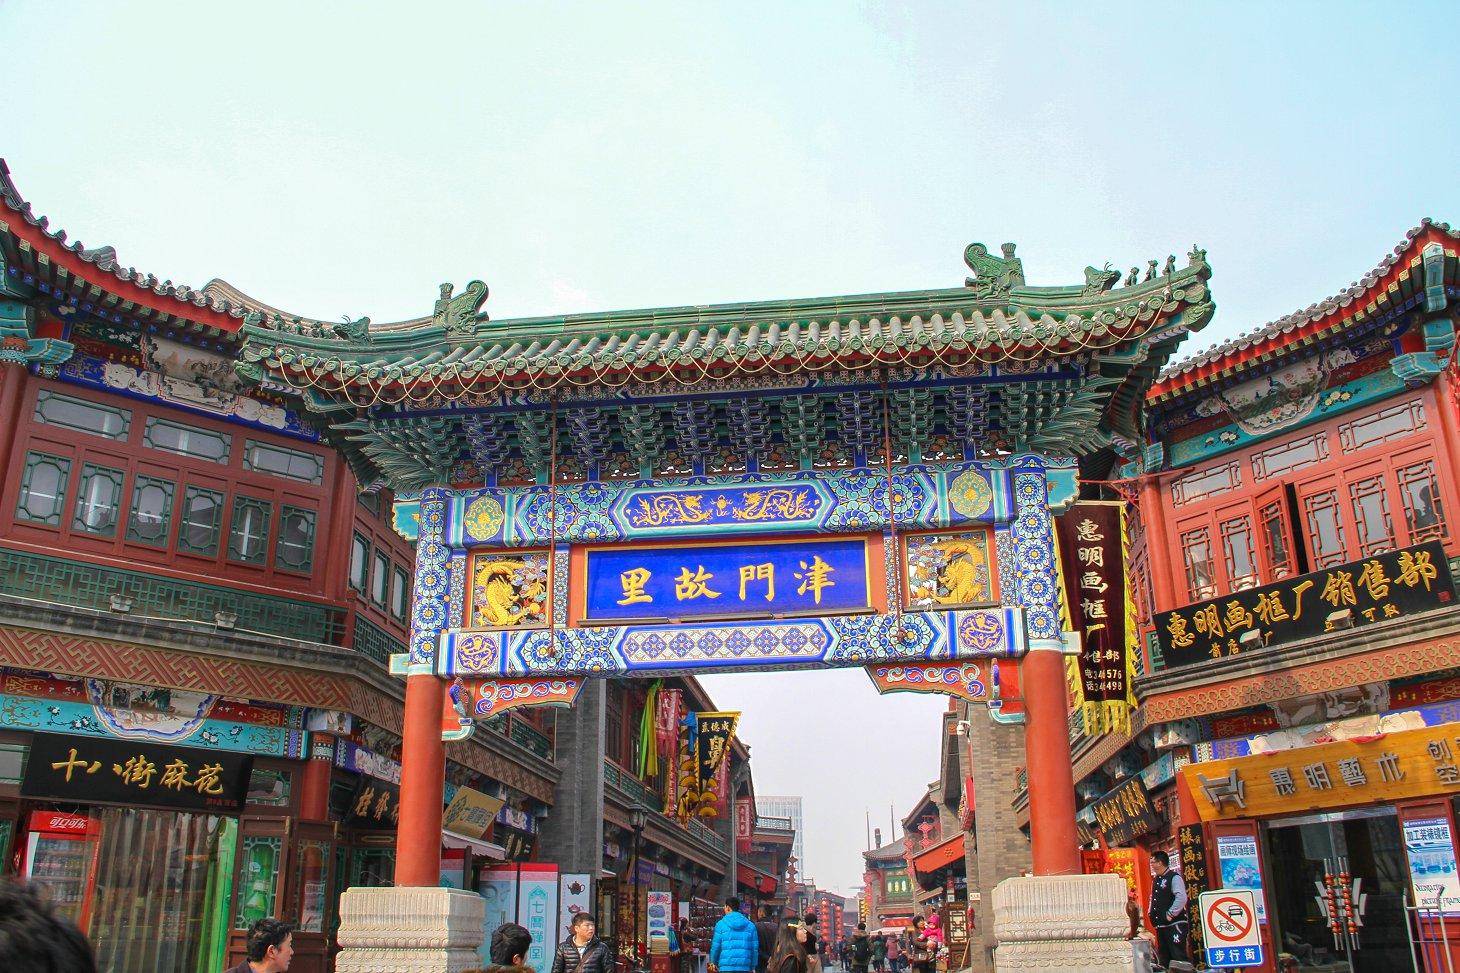 天津古文化街,鼓楼